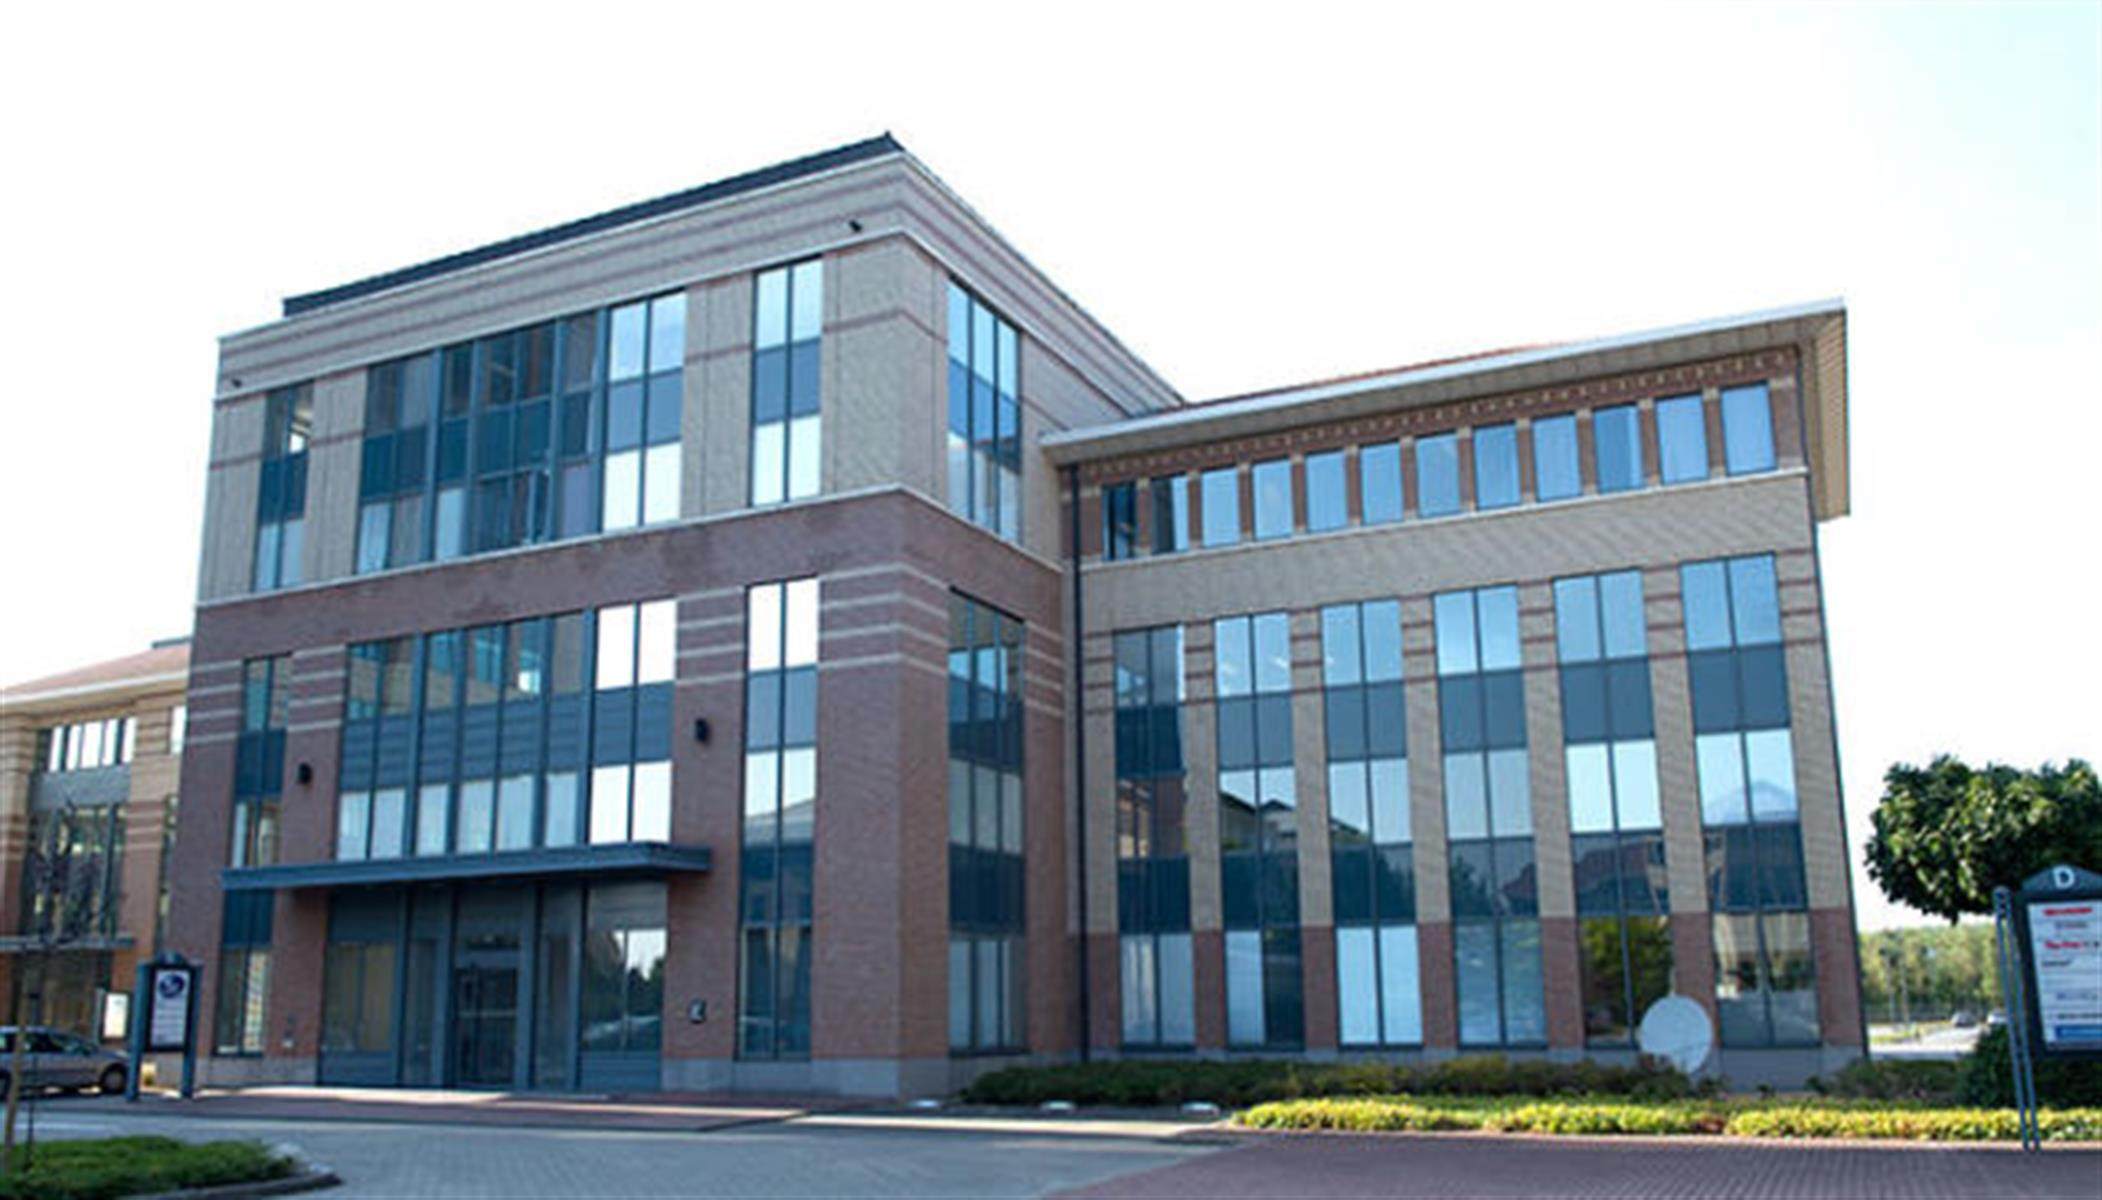 kantoor te huur I129 - Kantoren - Schalienhoevedreef 20 E, 2800 Mechelen, België 2